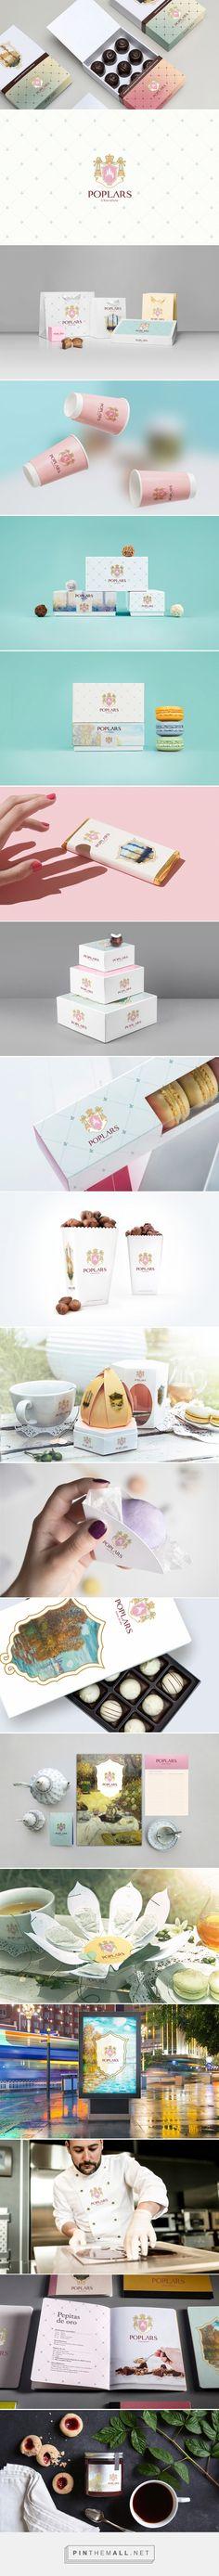 Poplars Chocolate — The Dieline - Branding & Packaging {cT}